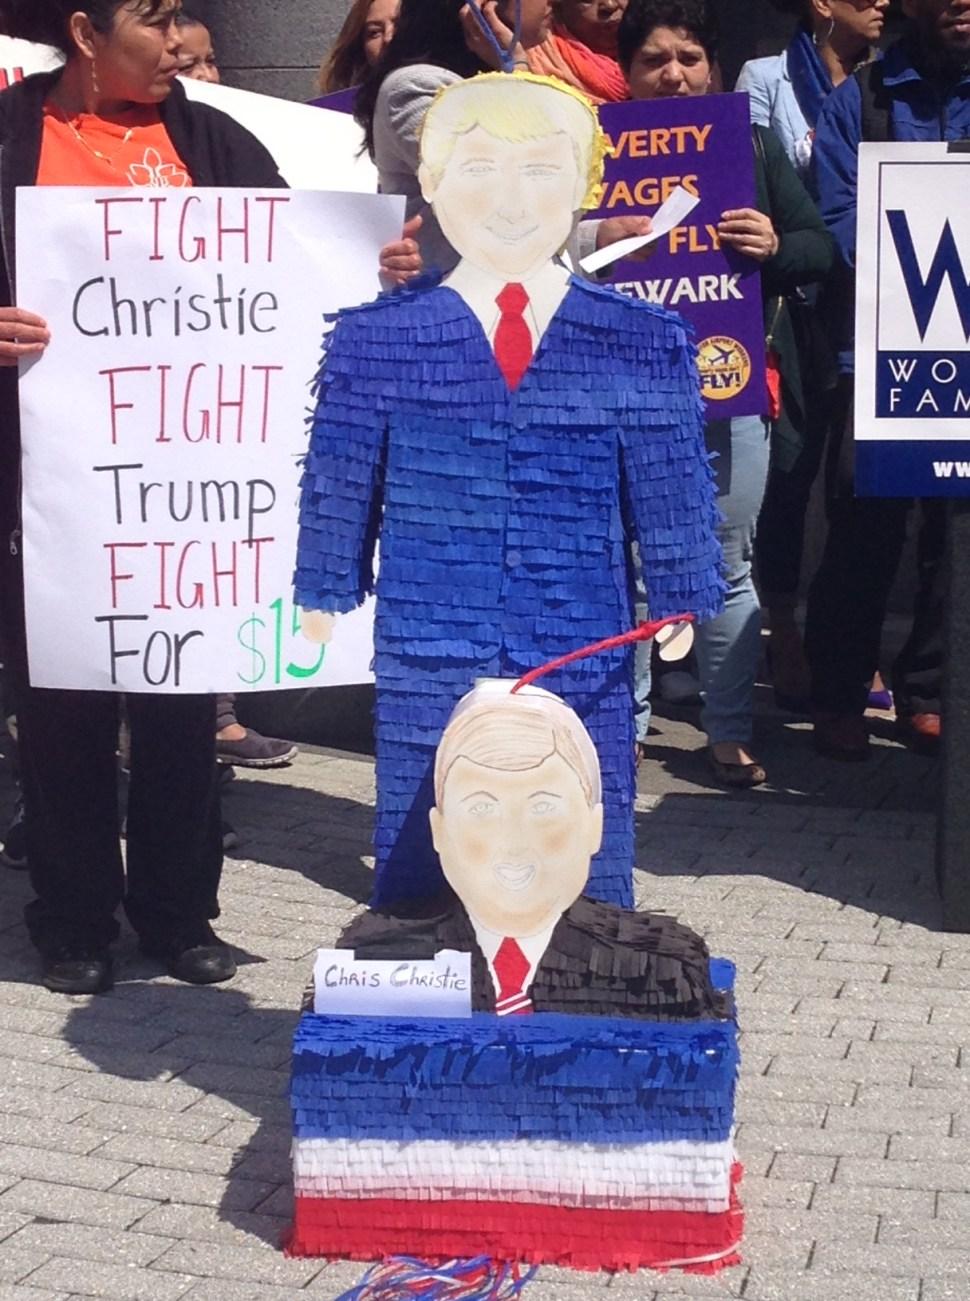 The piñata of Christie and Trump.